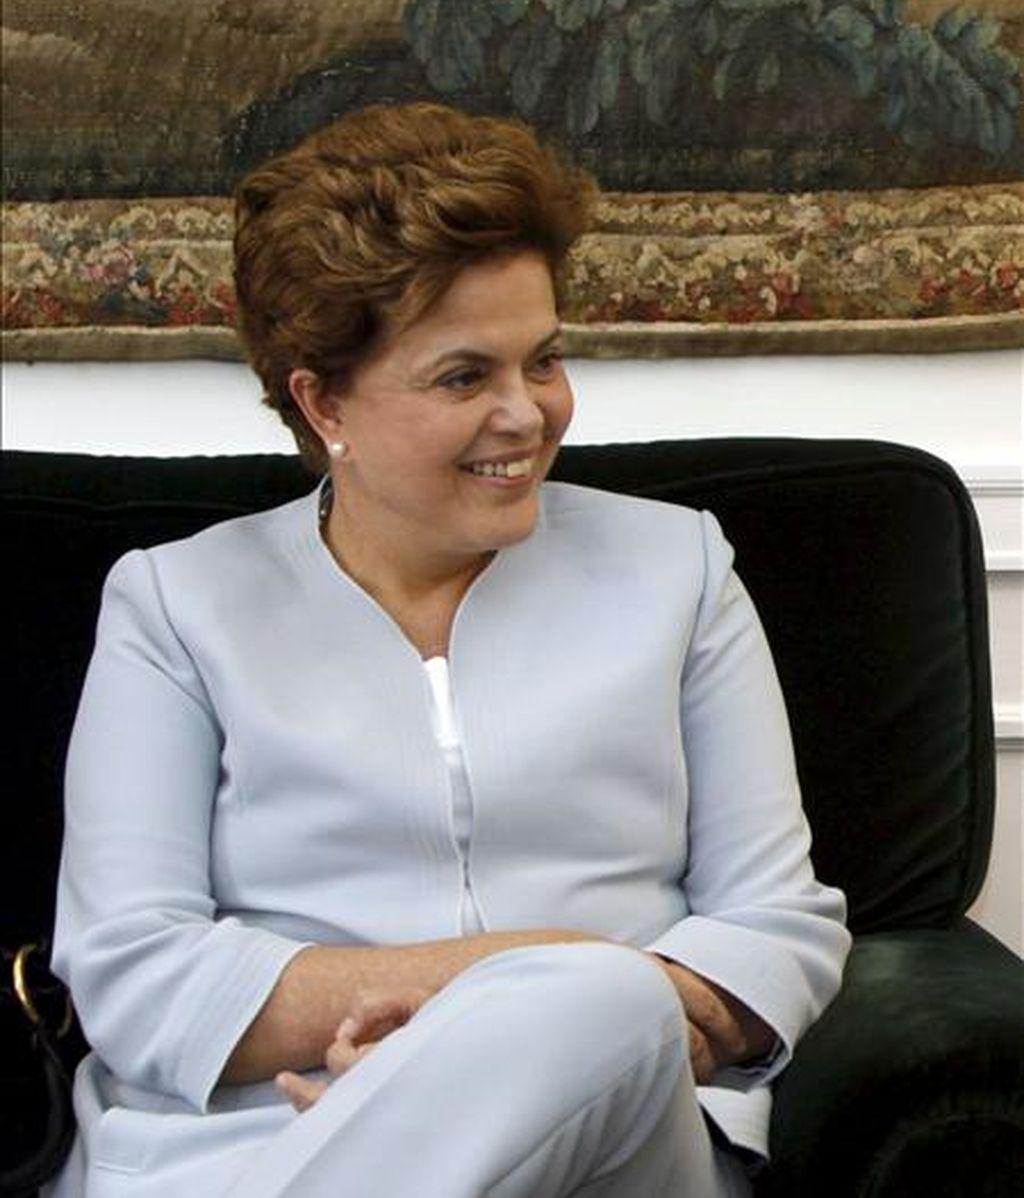 El sondeo, elaborado por la firma Sensus, muestra que Rousseff, apadrinada por el presidente Luiz Inácio Lula da Silva, tiene el 41,6% de las intenciones de voto, mientras que su principal rival, José Serra, del Partido de la Social Democracia Brasileña, alcanza el 31,6%. EFE/Archivo